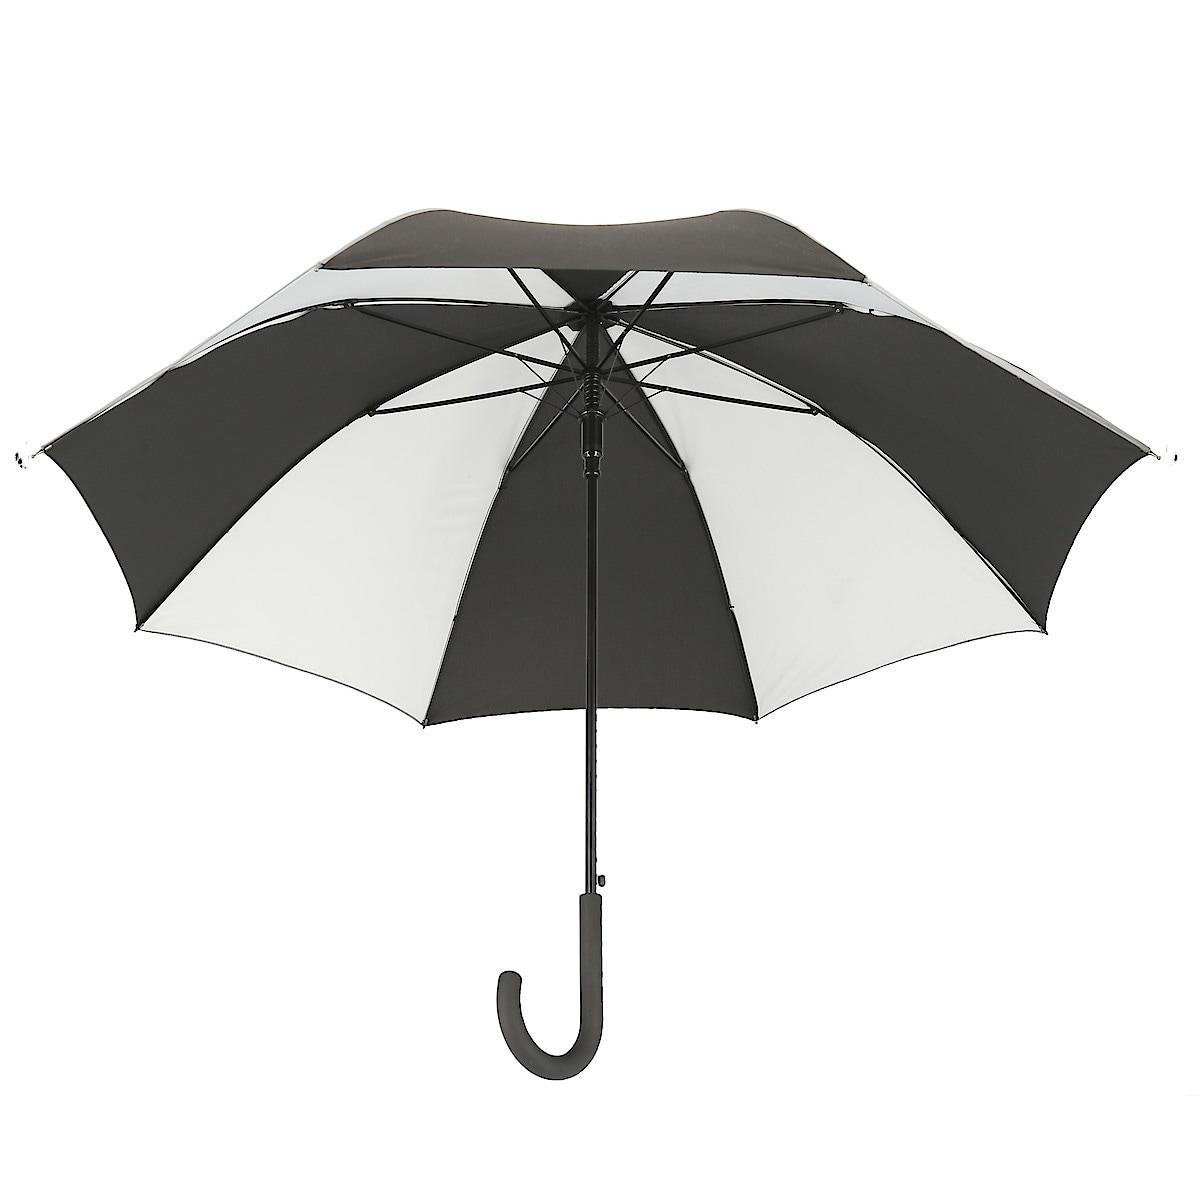 Paraply med reflex 100 cm, Asaklitt